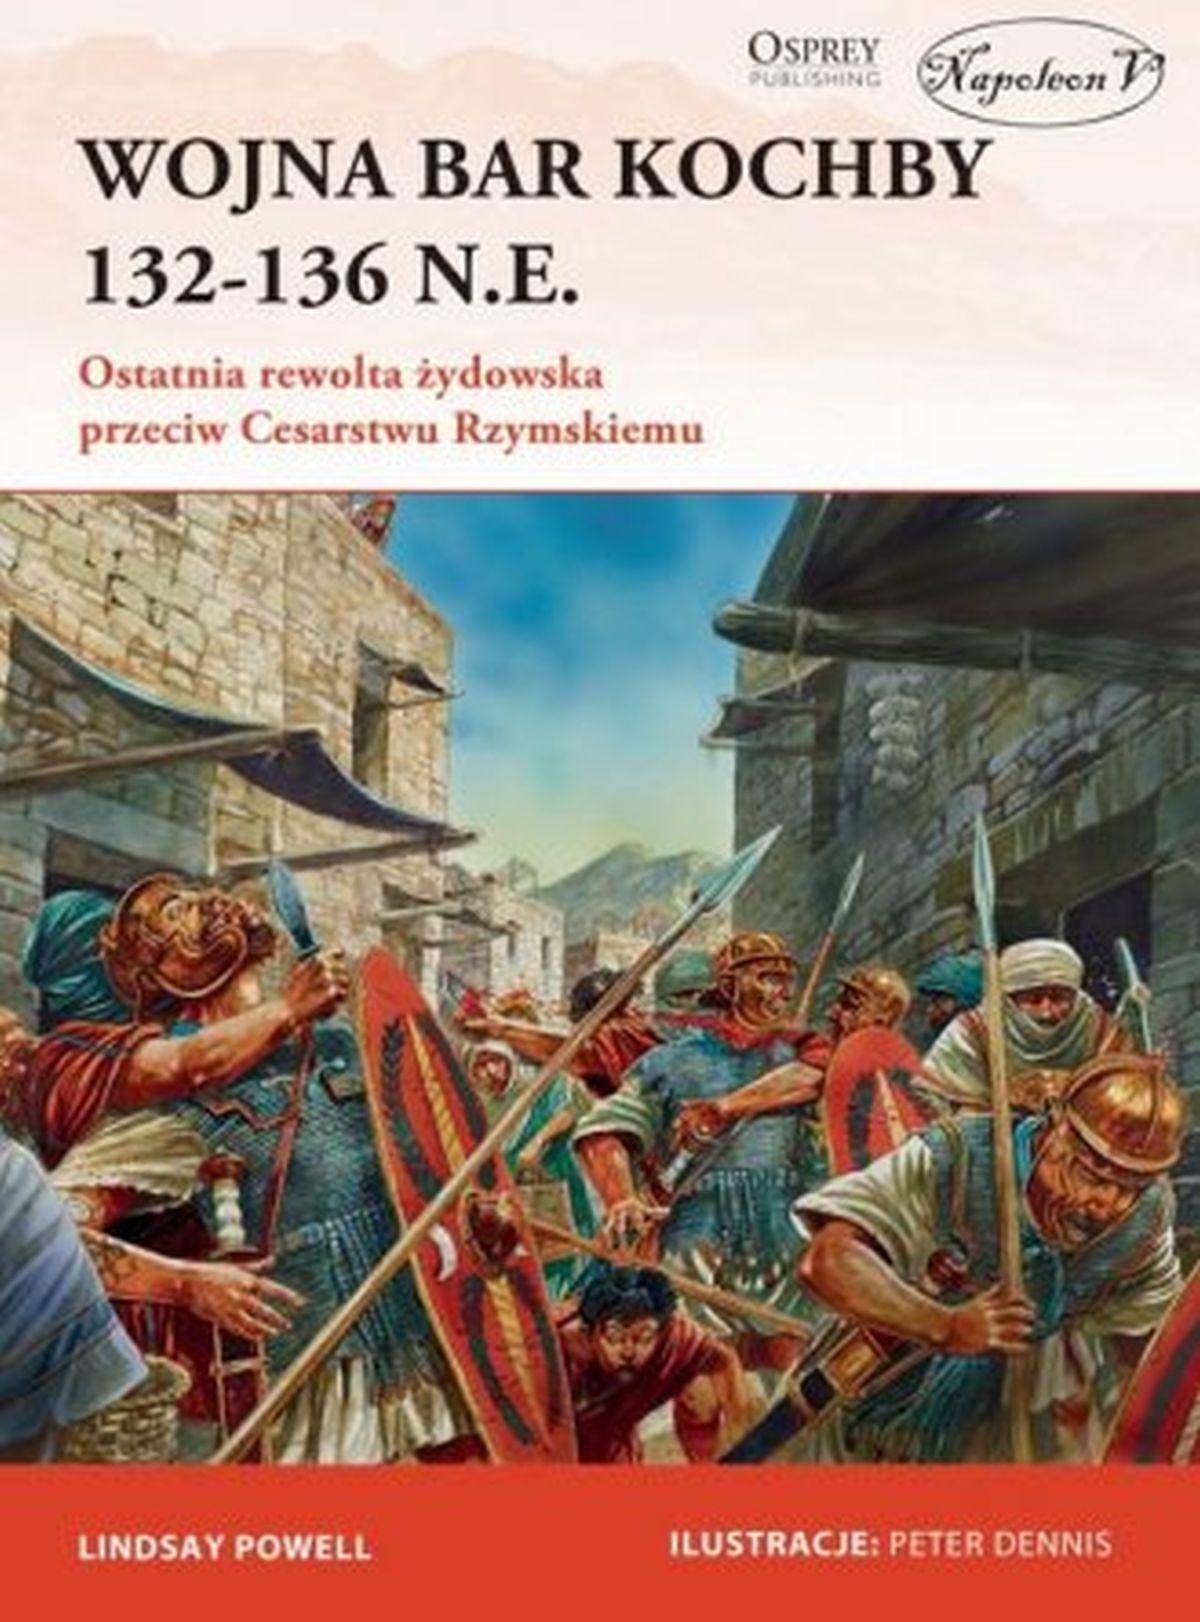 Lindsay Powell, Wojna Bar Kochby 132-136 n.e. Ostatnia rewolta żydowska przeciw Cesarstwu Rzymskiemu